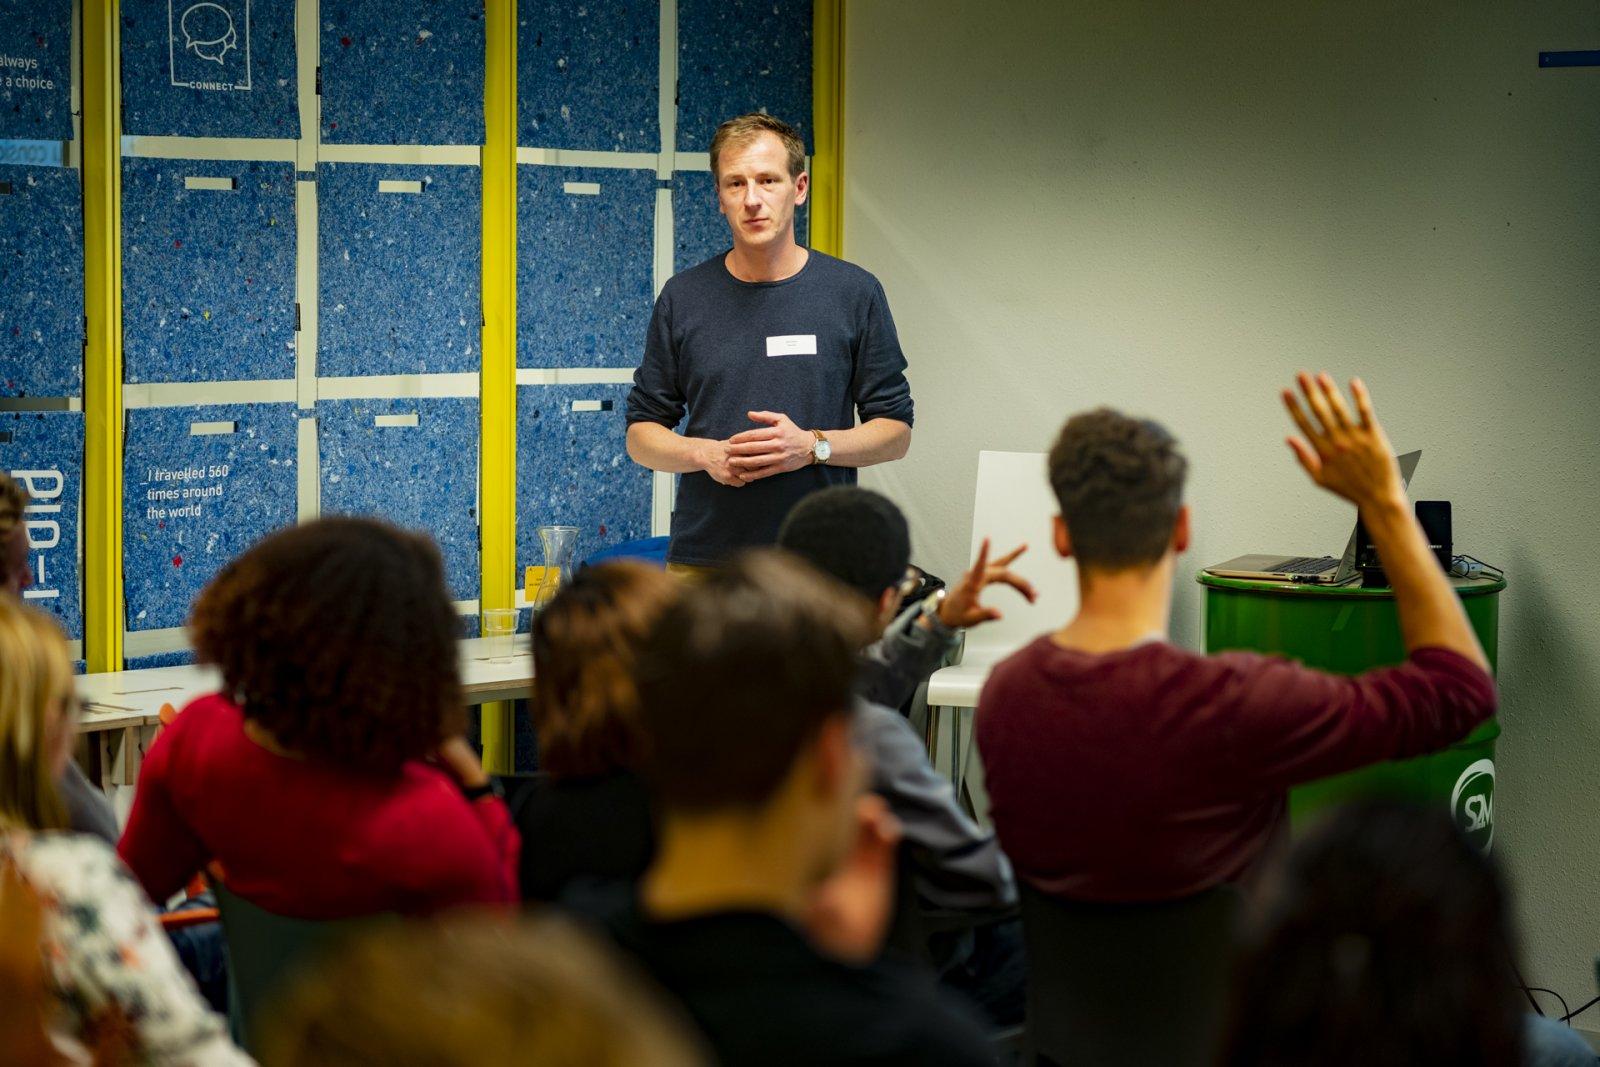 workshop by UtrechtInc